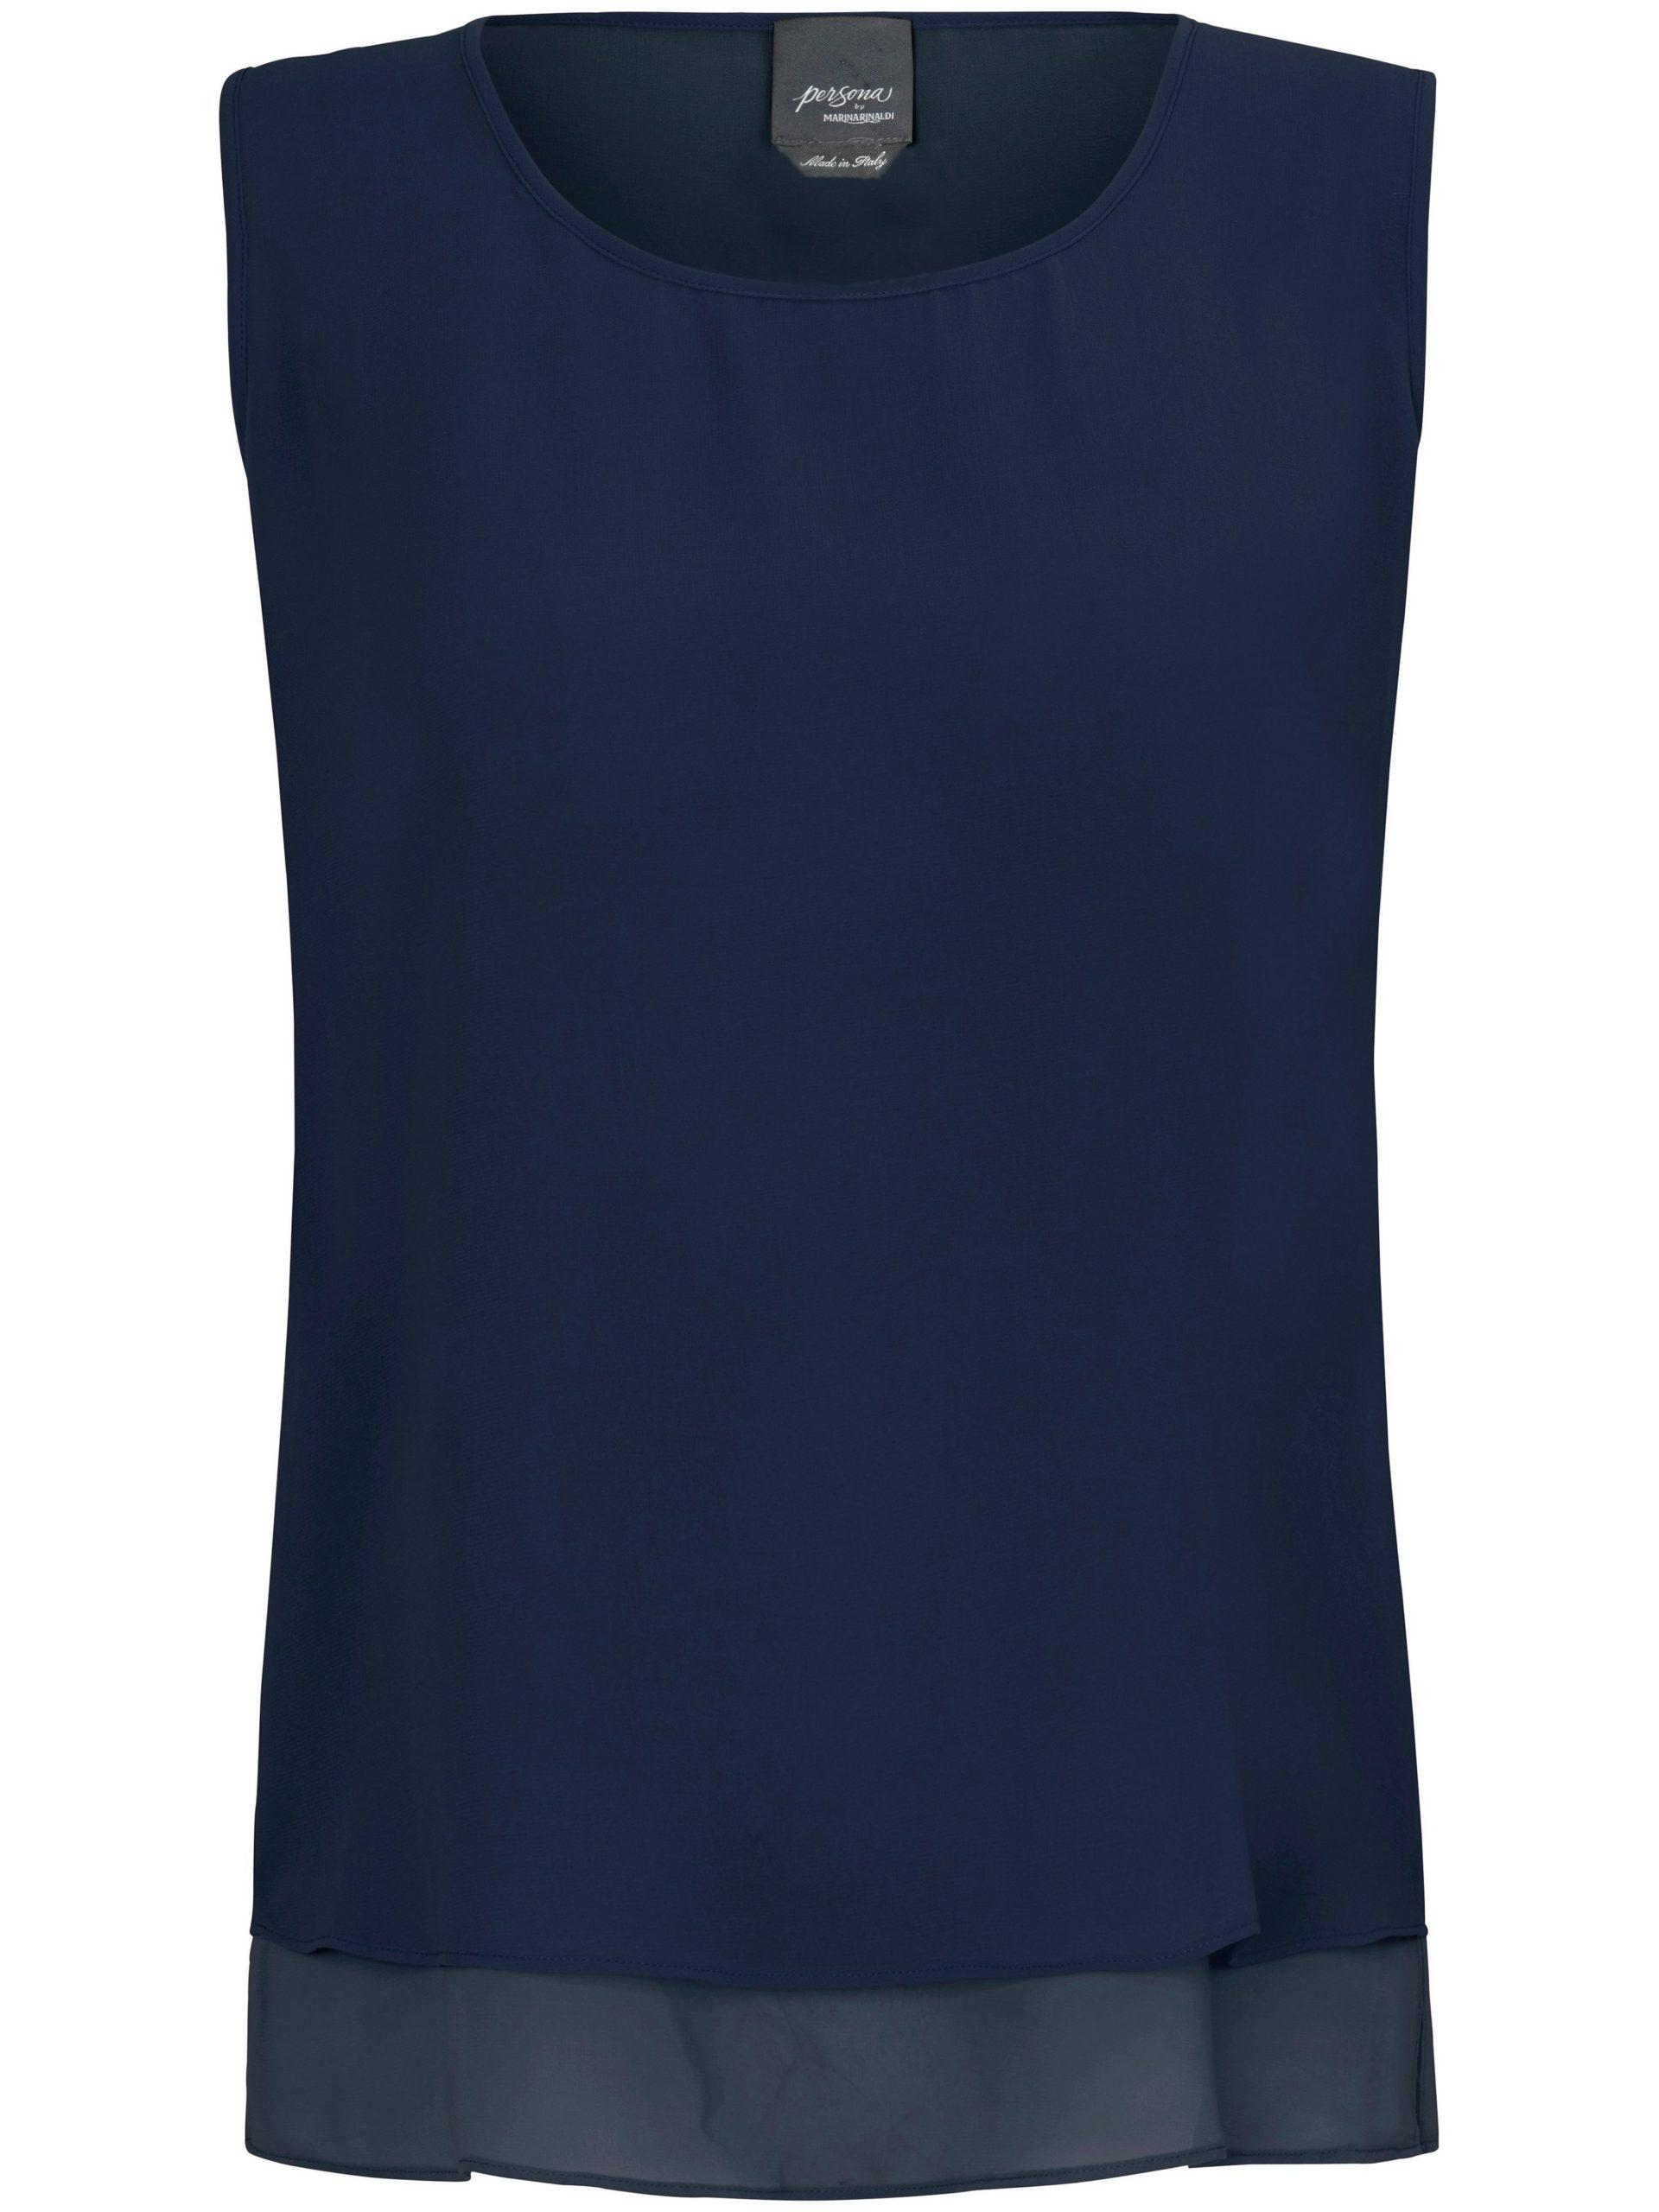 Mouwloze top met ronde hals Van Persona by Marina Rinaldi blauw Kopen